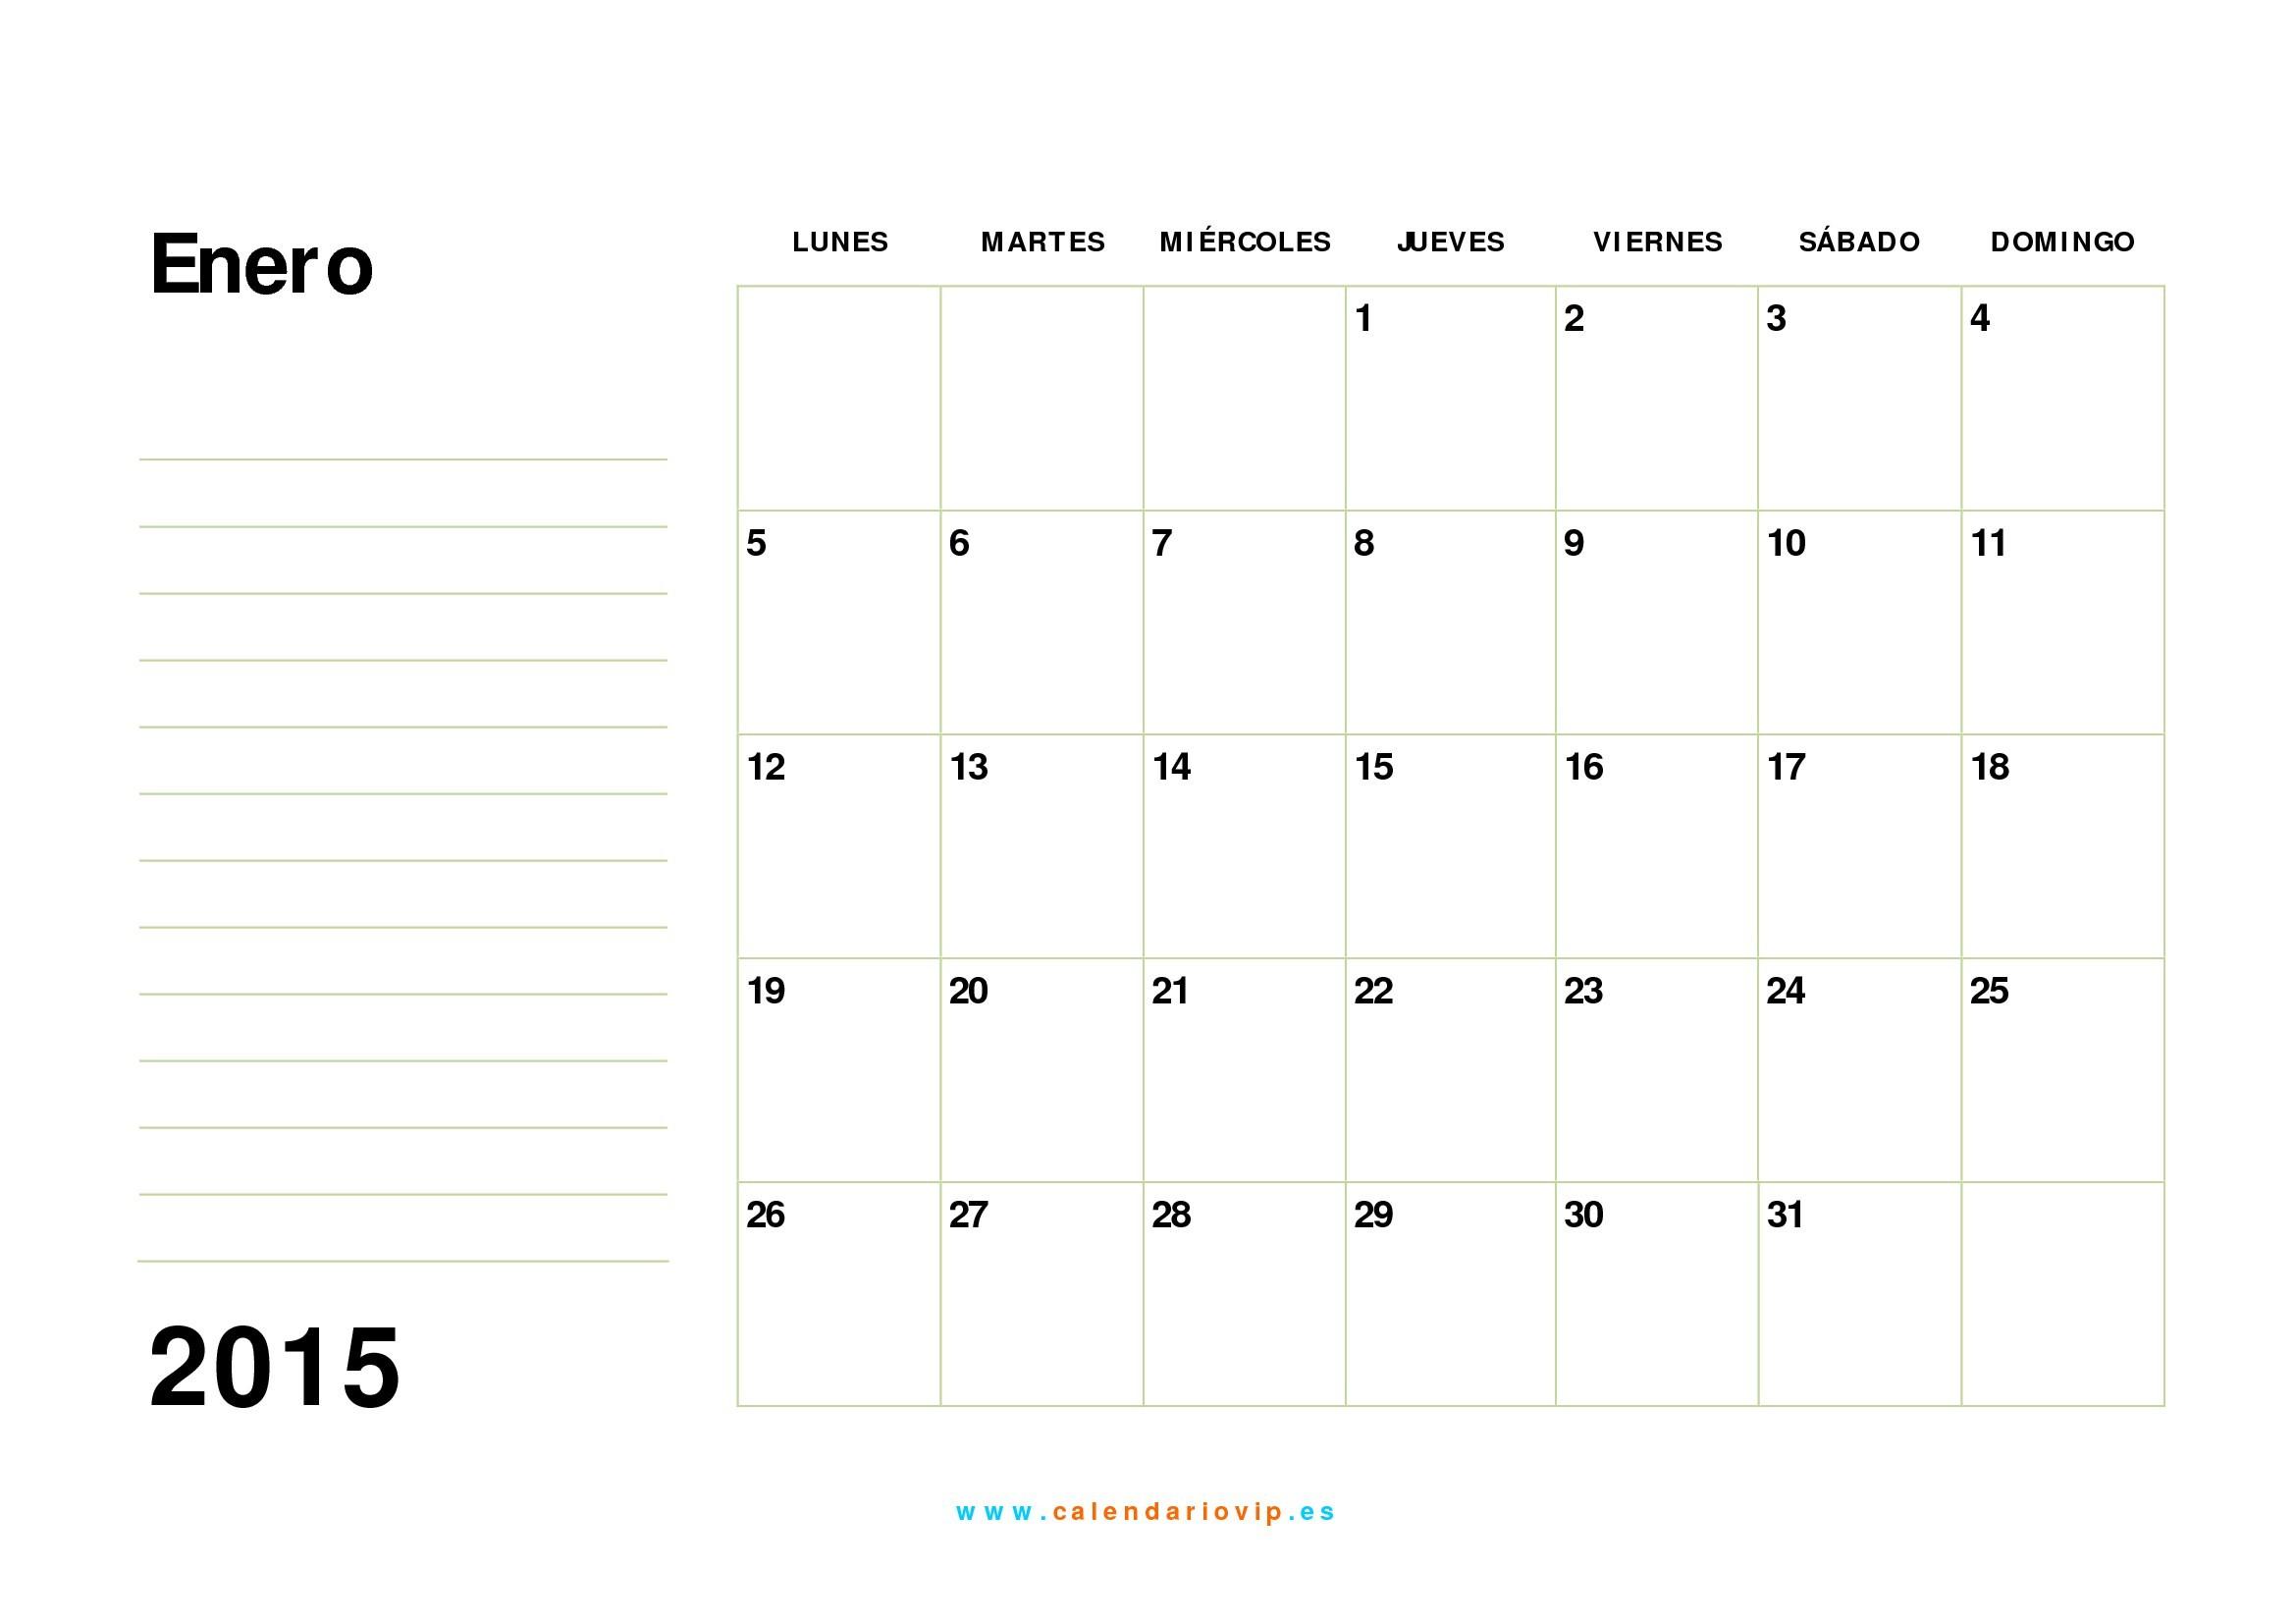 Calendario Enero 2019 Para Imprimir A4 Recientes Calendario De Mesa 2016 Prar Takvim Kalender Hd Of Calendario Enero 2019 Para Imprimir A4 Más Reciente Calendario Para Imprimir 2018 2019 Calendario